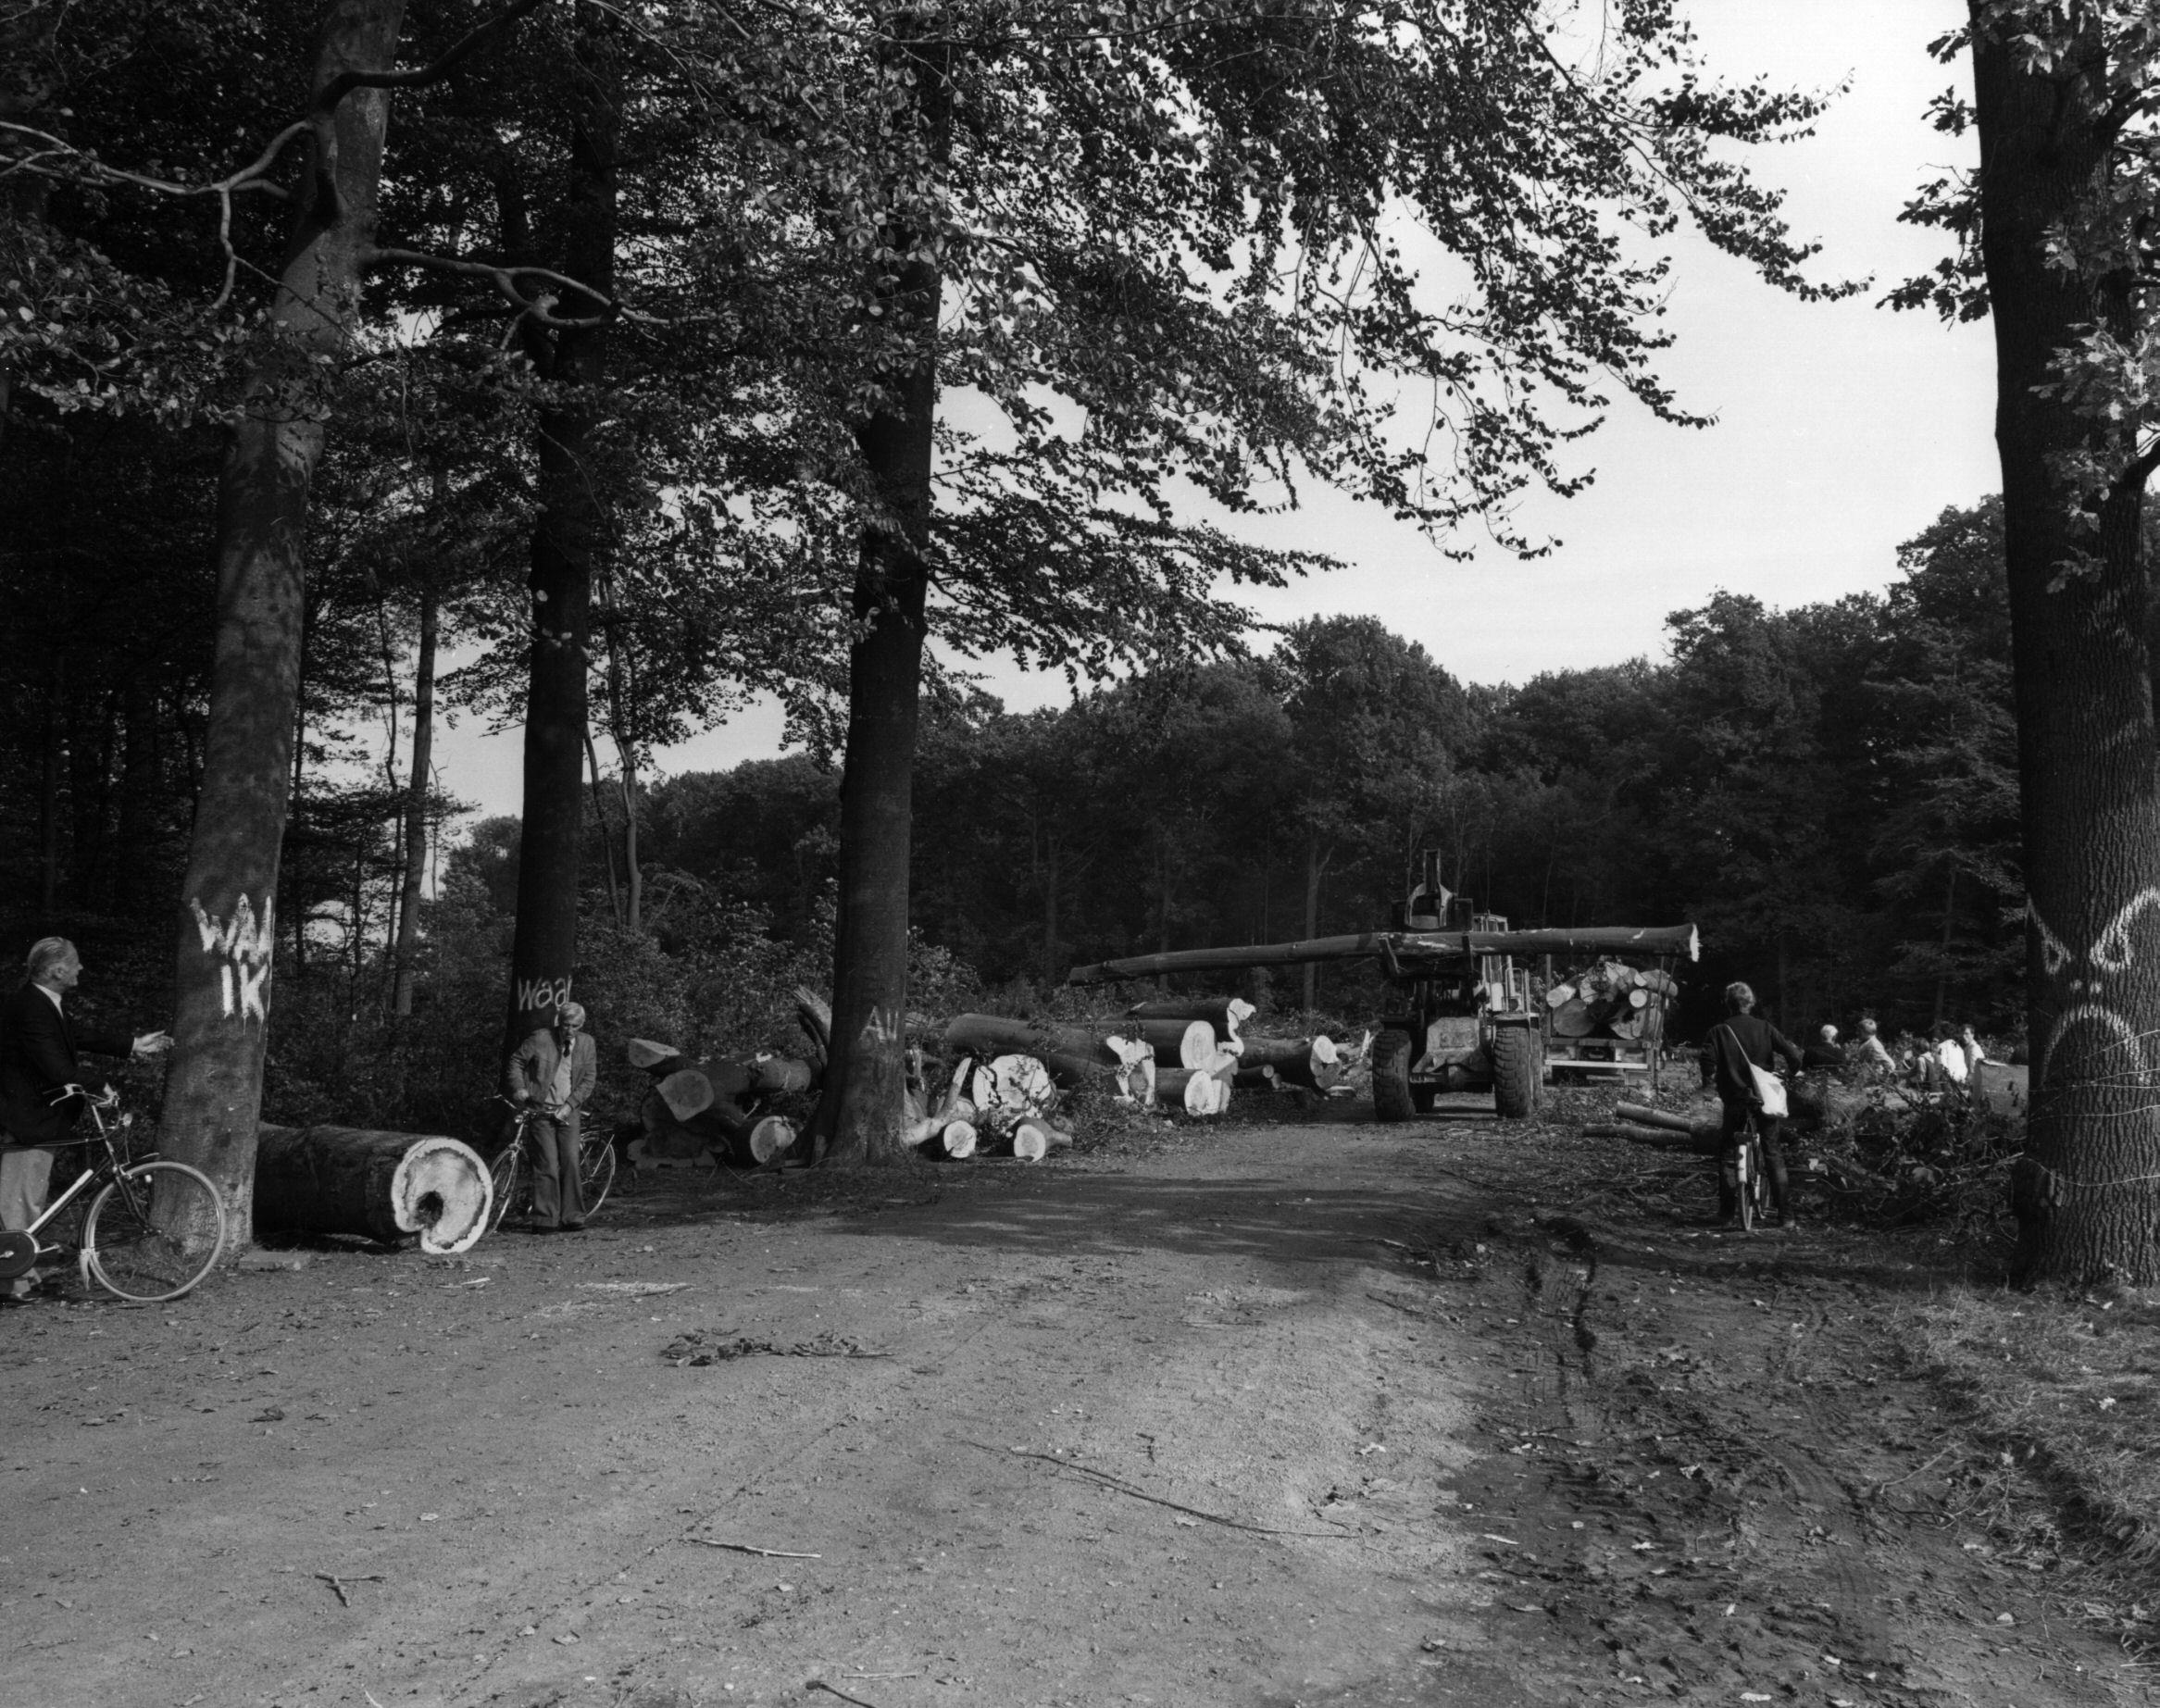 Bomenkap Amelisweerd 1982 Utrechts Archief